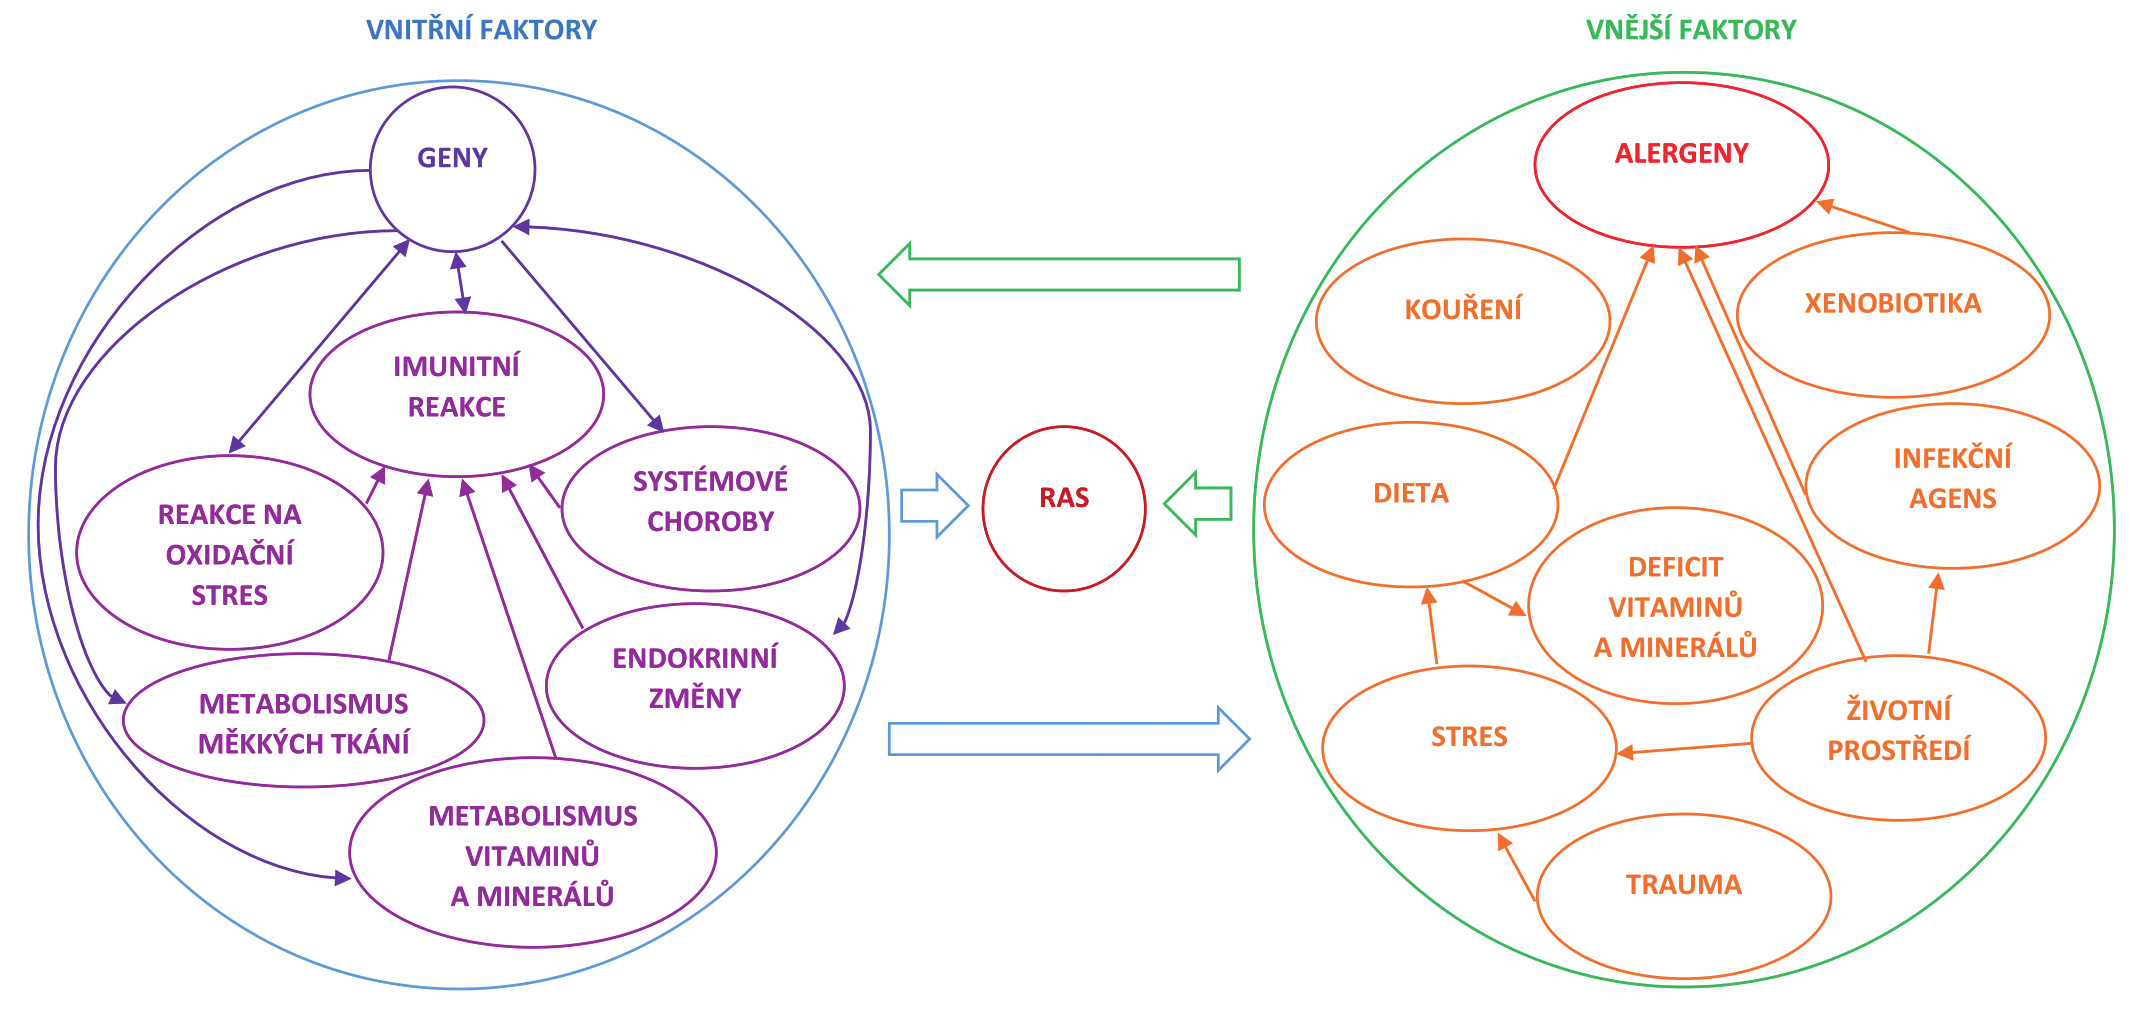 Interakce vnitřních a vnějšních faktorů v etiopatogenezi recidivující aftózní stomatitidy (RAS)